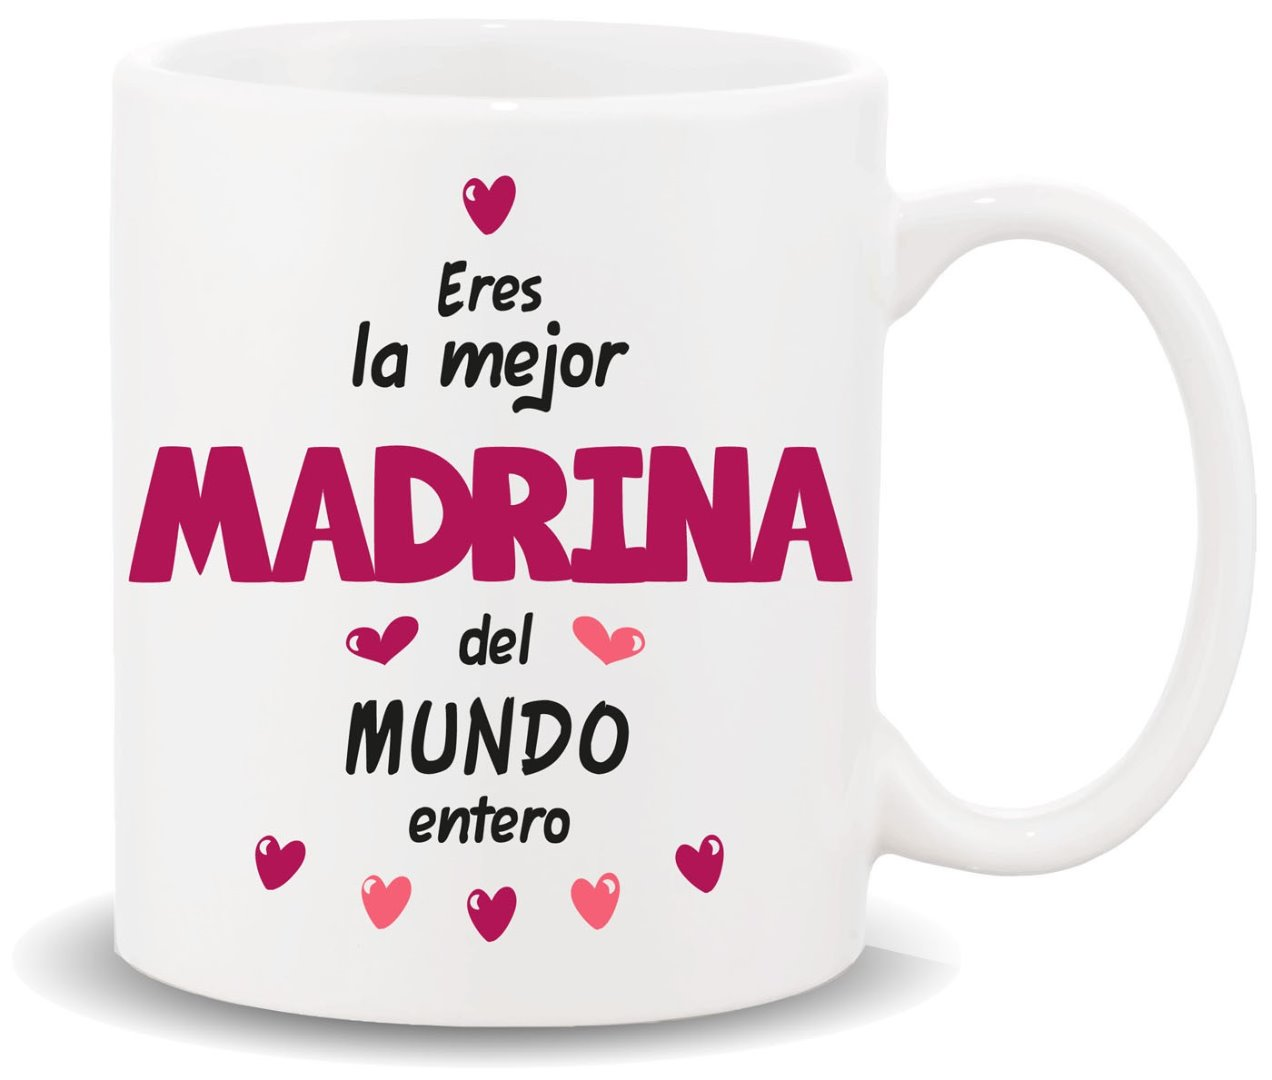 6a7c6f500e Tazas Madrinas y Padrinos - Eres La Mejor Madrina Del Mundo Entero